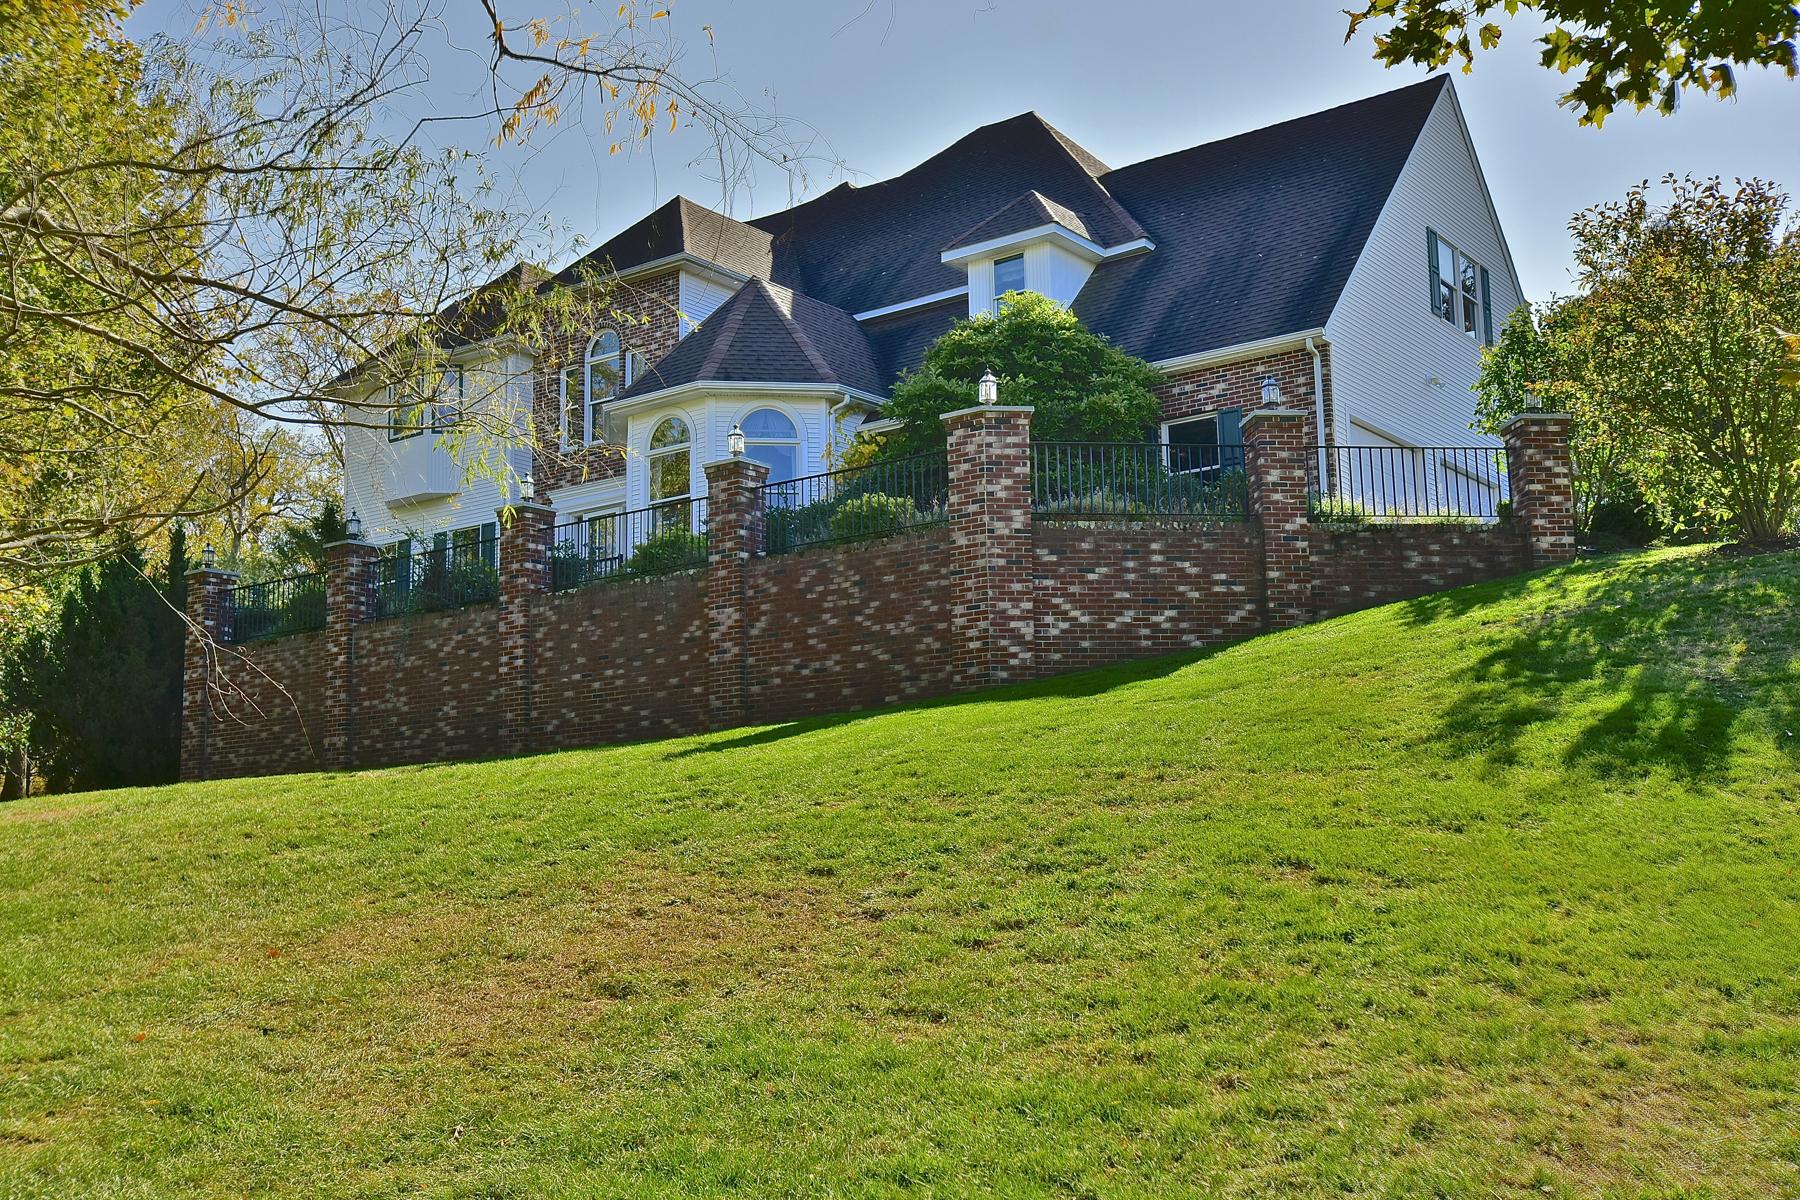 Maison unifamiliale pour l Vente à Luxuriously Appointed Colonial on Almost 2 Acres 80 Emerald Glen Rd Salem, Connecticut, 06420 États-Unis